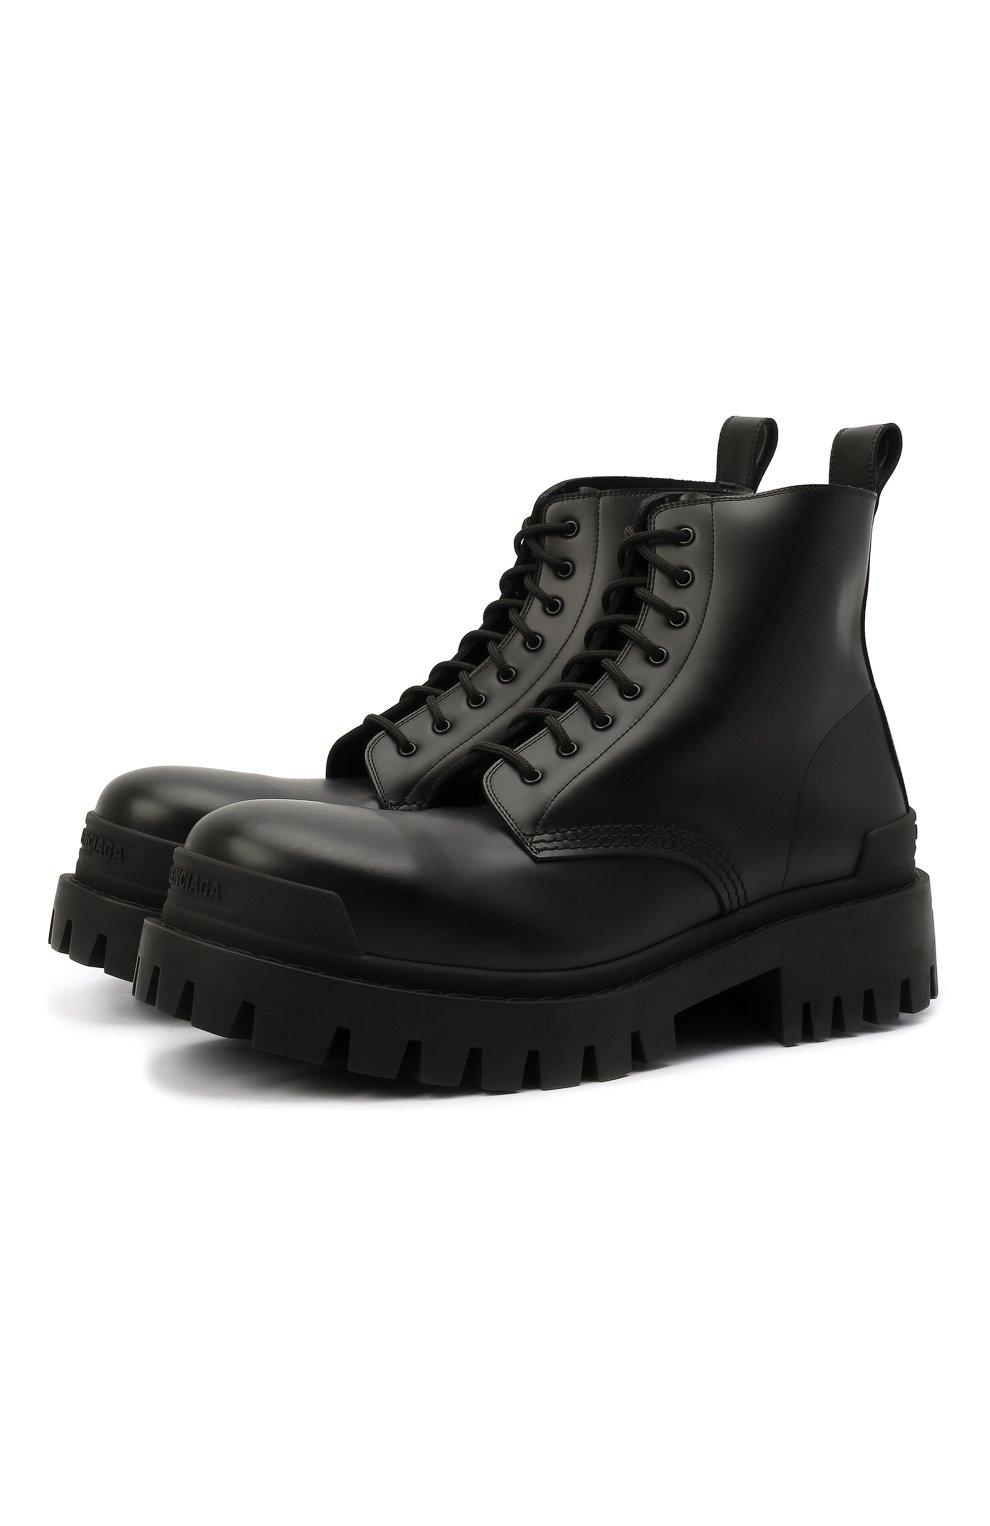 Мужские кожаные ботинки BALENCIAGA черного цвета, арт. 589338/WA960   Фото 1 (Мужское Кросс-КТ: Ботинки-обувь, Байкеры-обувь; Материал внутренний: Натуральная кожа; Статус проверки: Проверено; Подошва: Массивная)